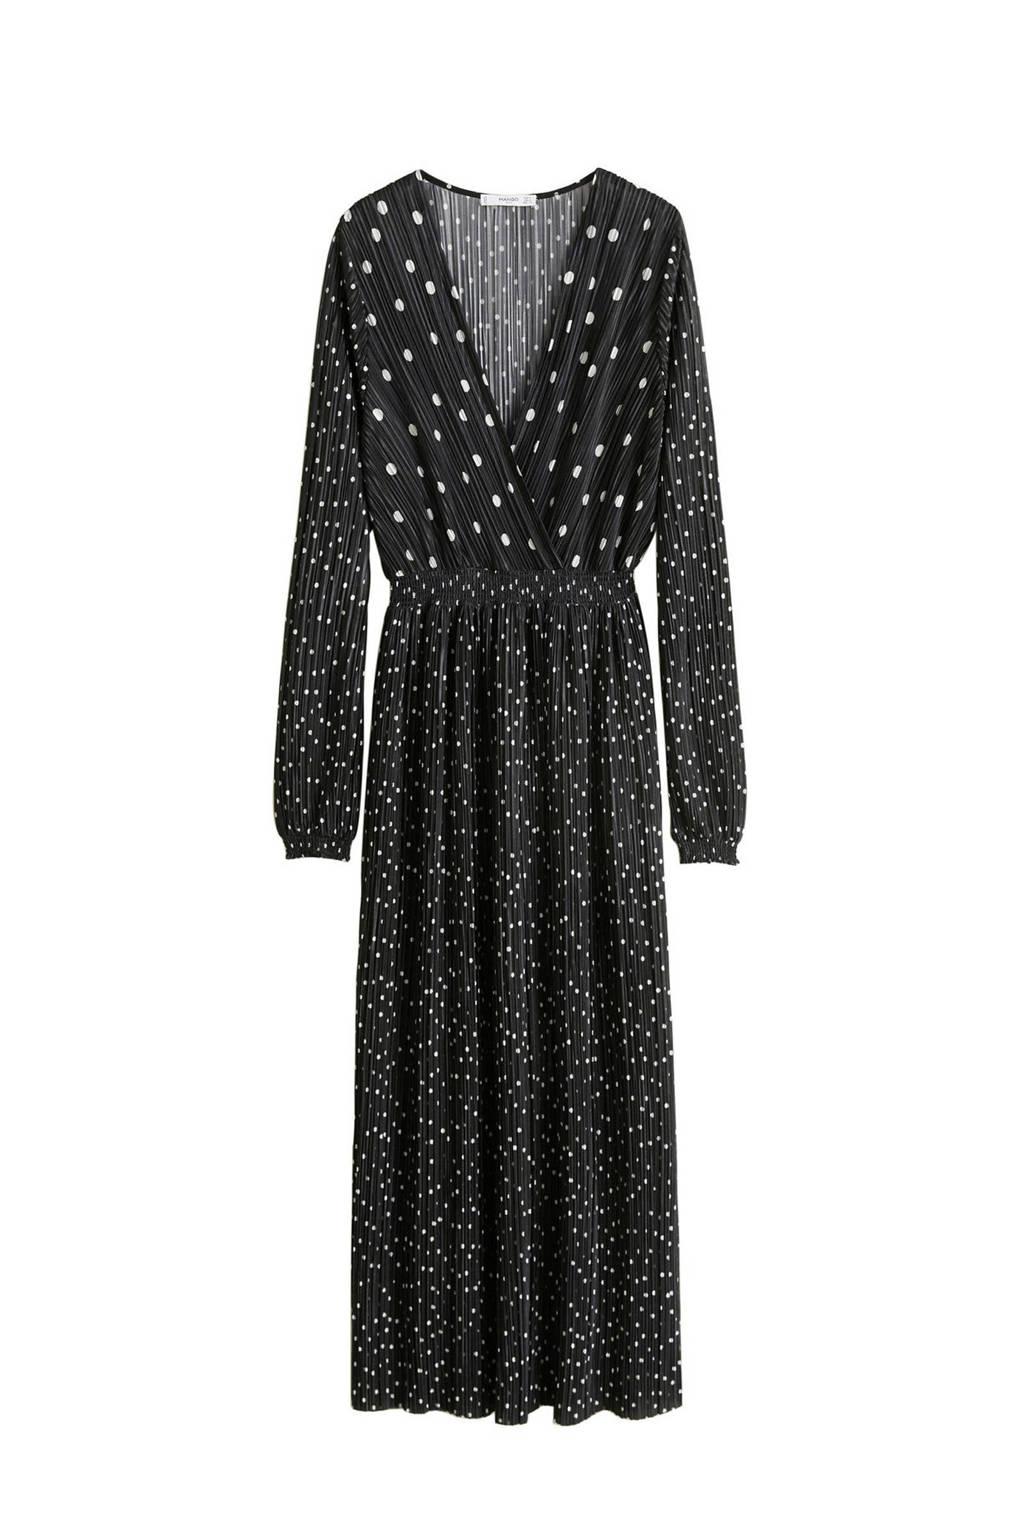 Mango jurk met stippenprint zwart, Zwart